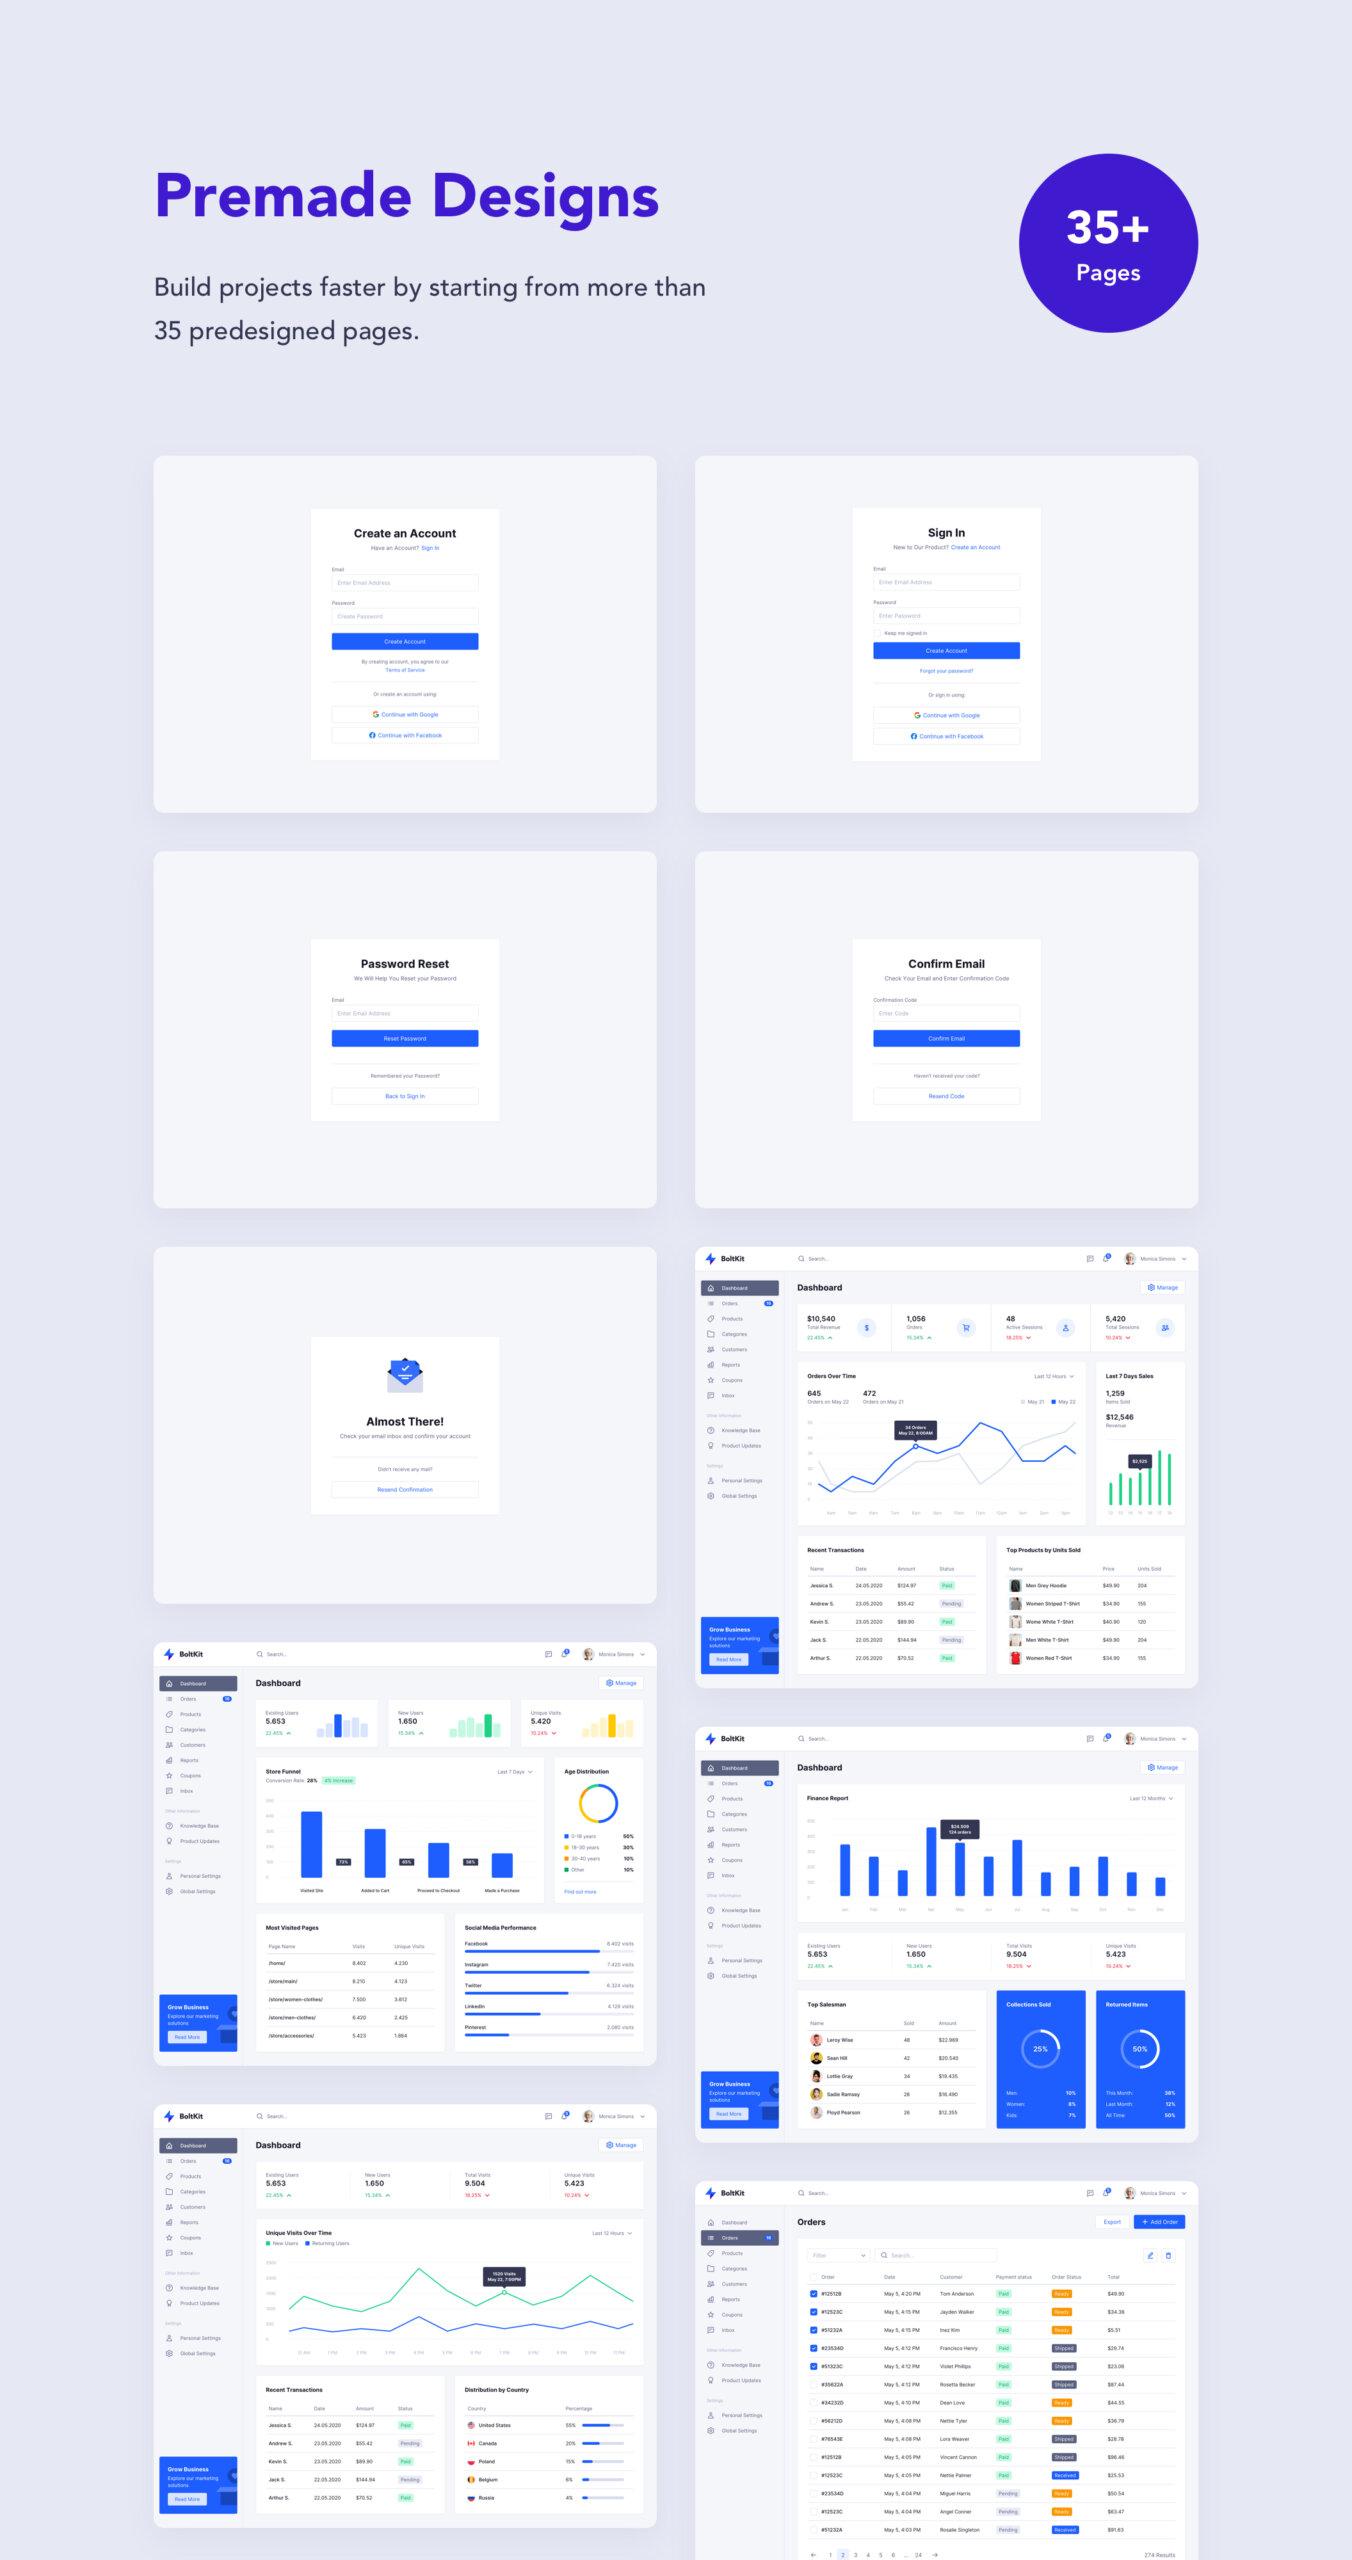 后台管理系统模版素材/中台管理系统模版素材Bolt UI Kit & Design Library插图(2)